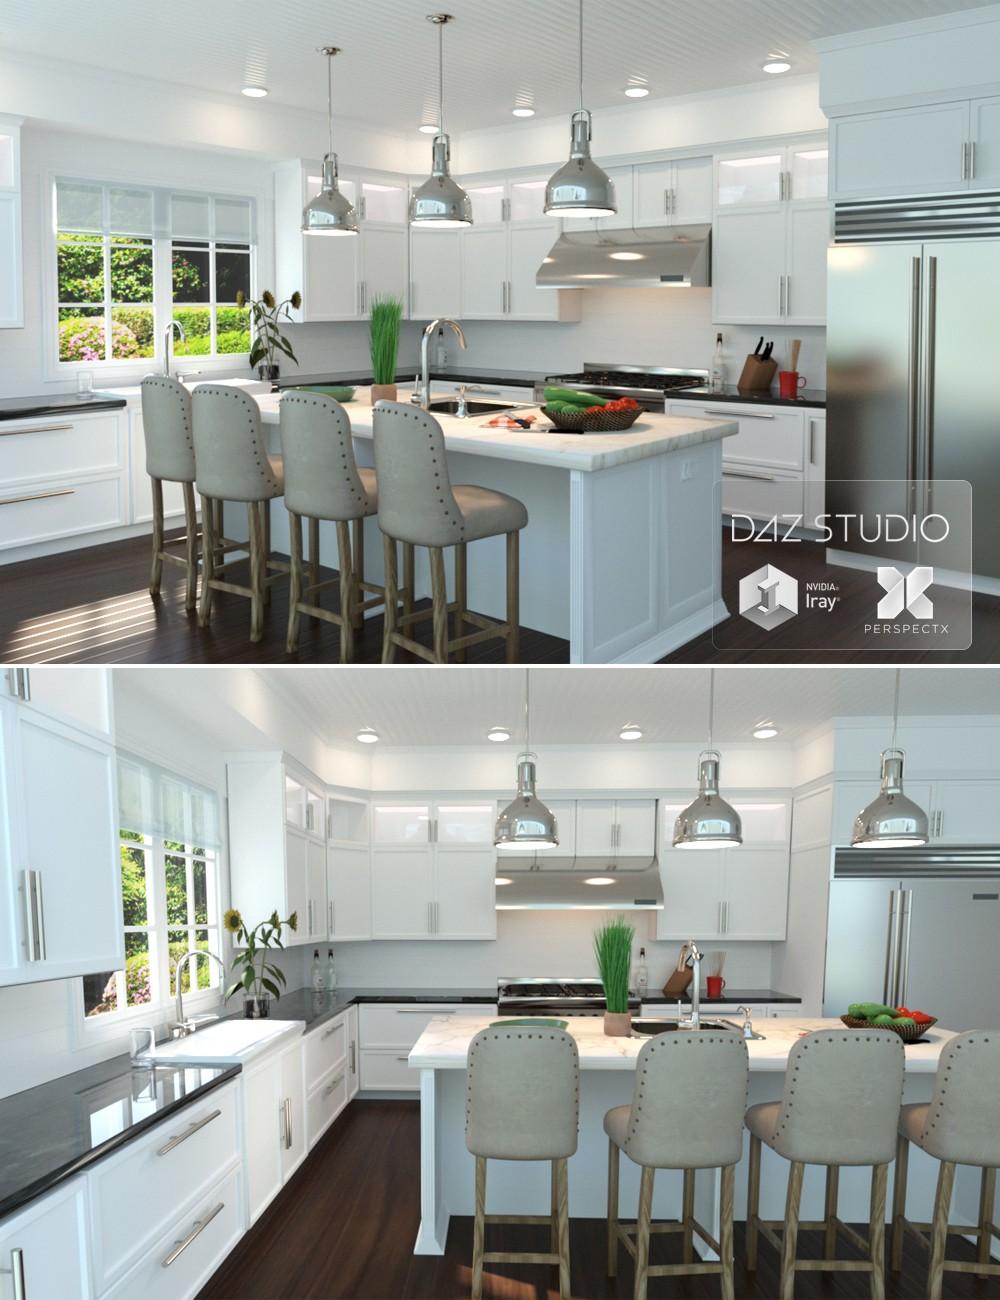 Download Daz Studio 3 For Free Daz 3d Modern Kitchen